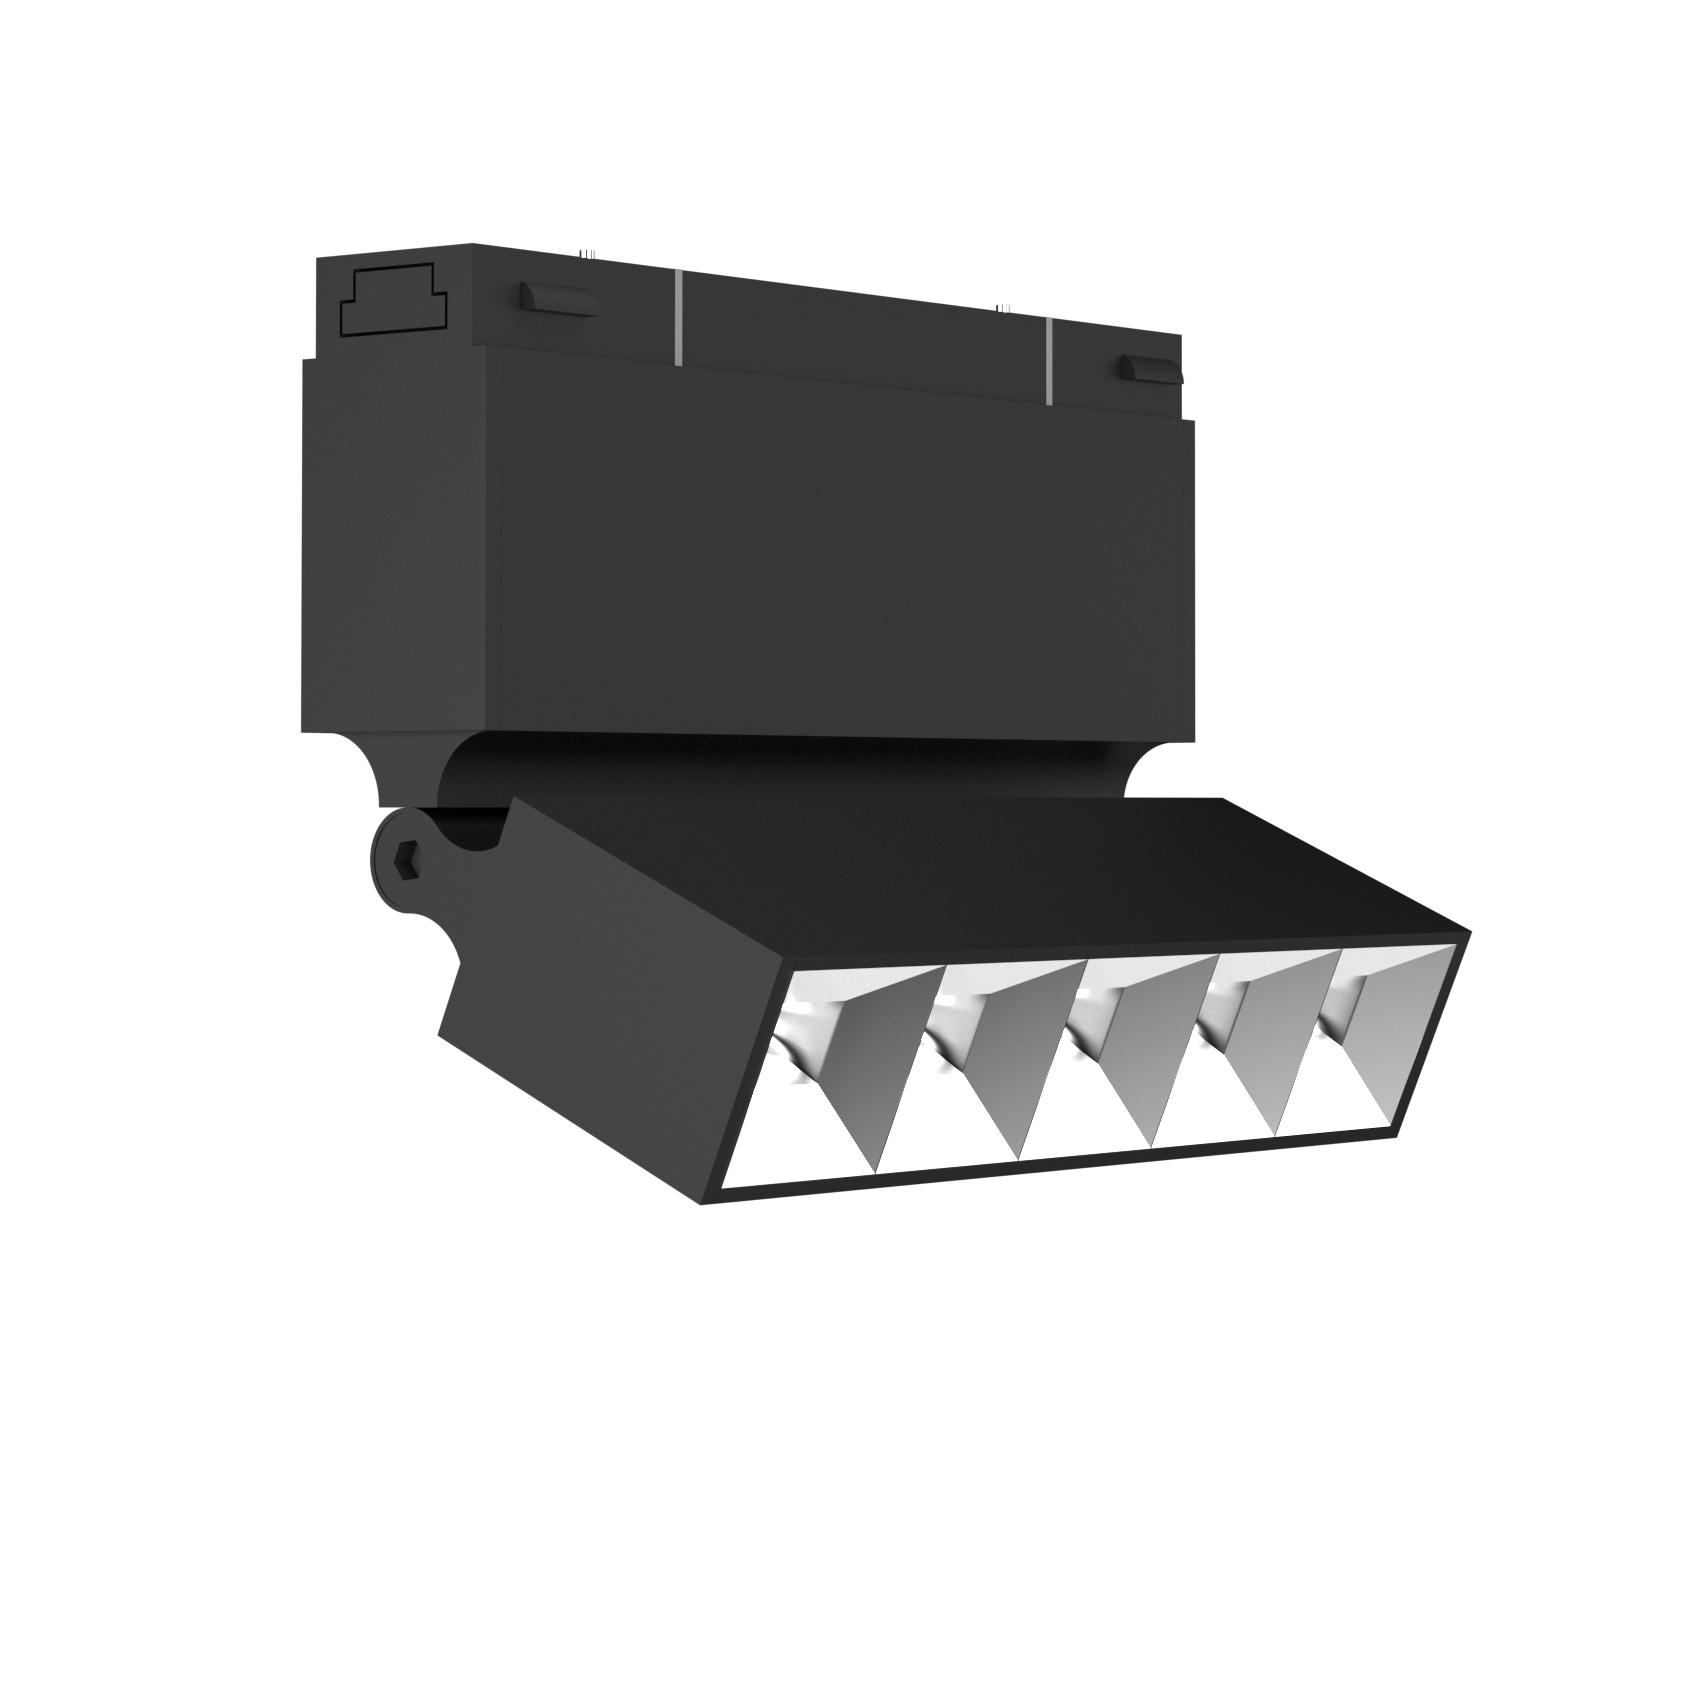 PNY-Led Spot Light, Led Down Light Price List | Pny